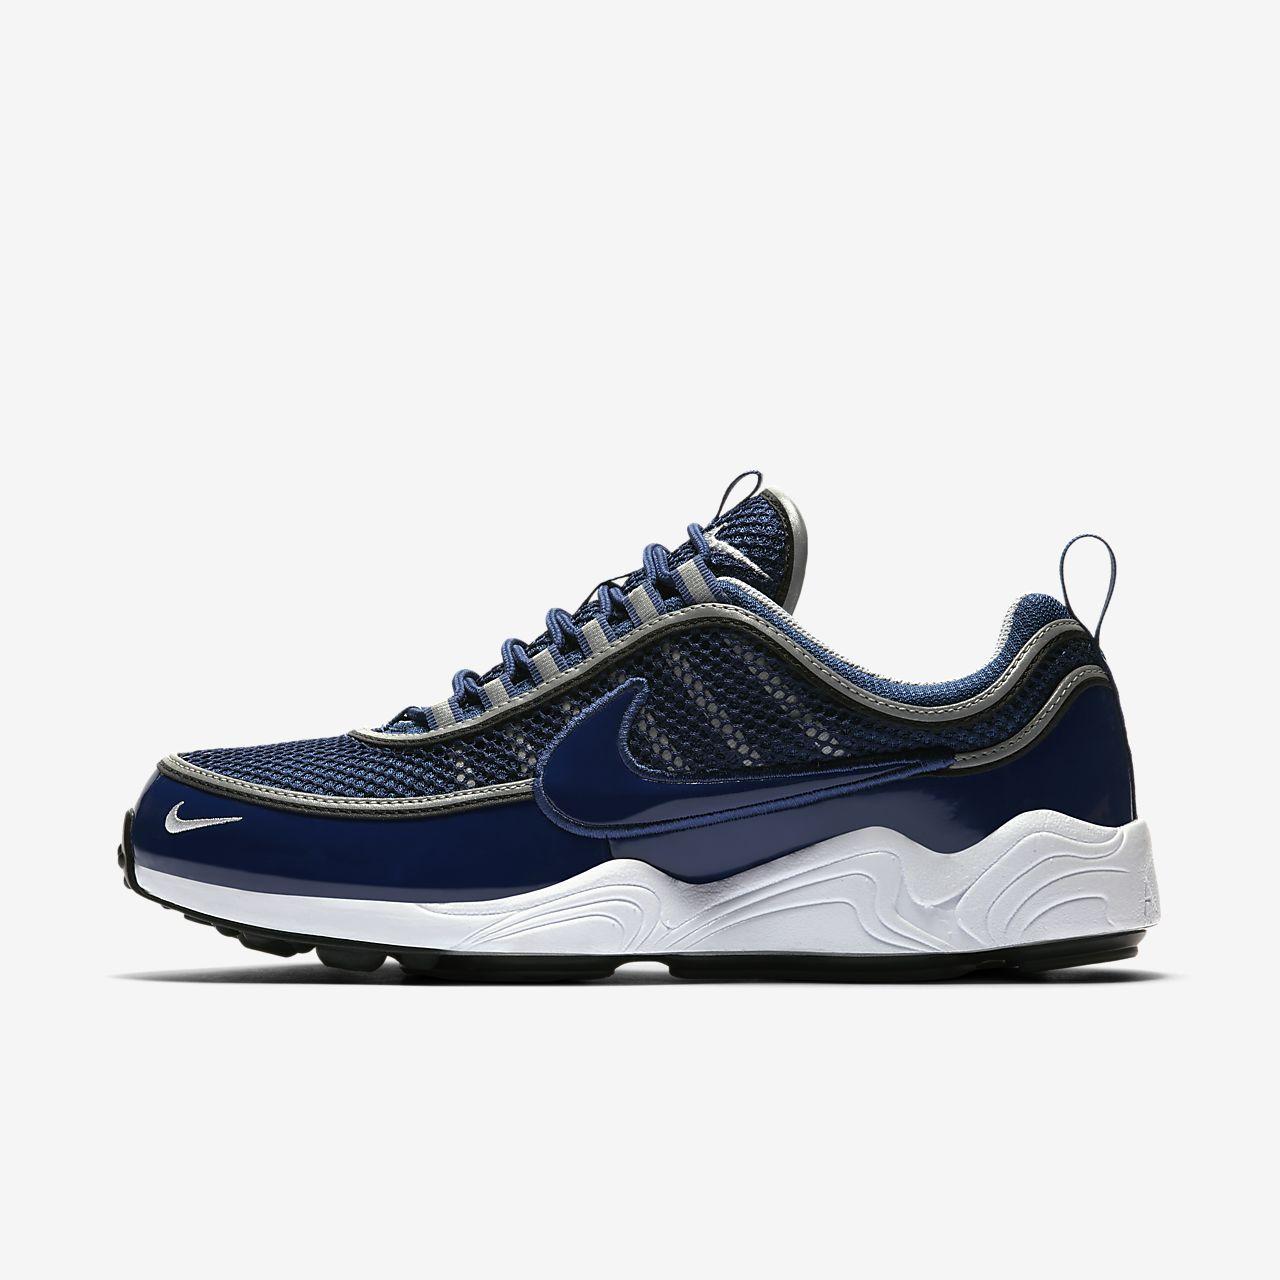 Chaussure Nike Air Zoom Spiridon '16 pour FR